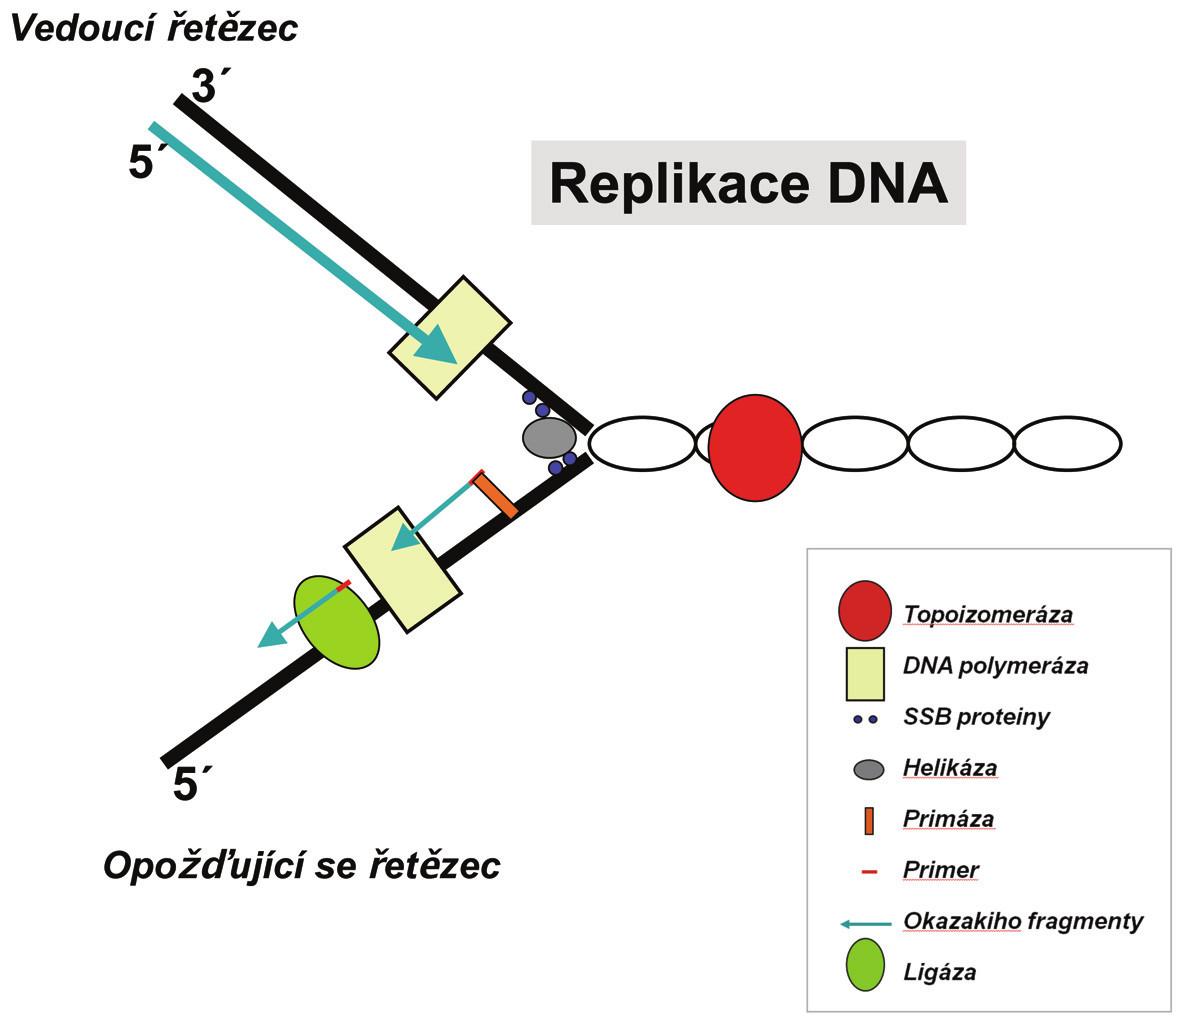 Replikační vidlice je místo na dvoušroubovici DNA, kde právě probíhá replikace. Má tvar písmene Y. Oddělení vláken dvoušroubovice způsobují enzymy helikázy, tento tvar stabilizují SSB proteiny a samotné replikaci se věnuje DNA polymeráza. Tyto a další enzymy postupují po molekule DNA a přepisují ji.